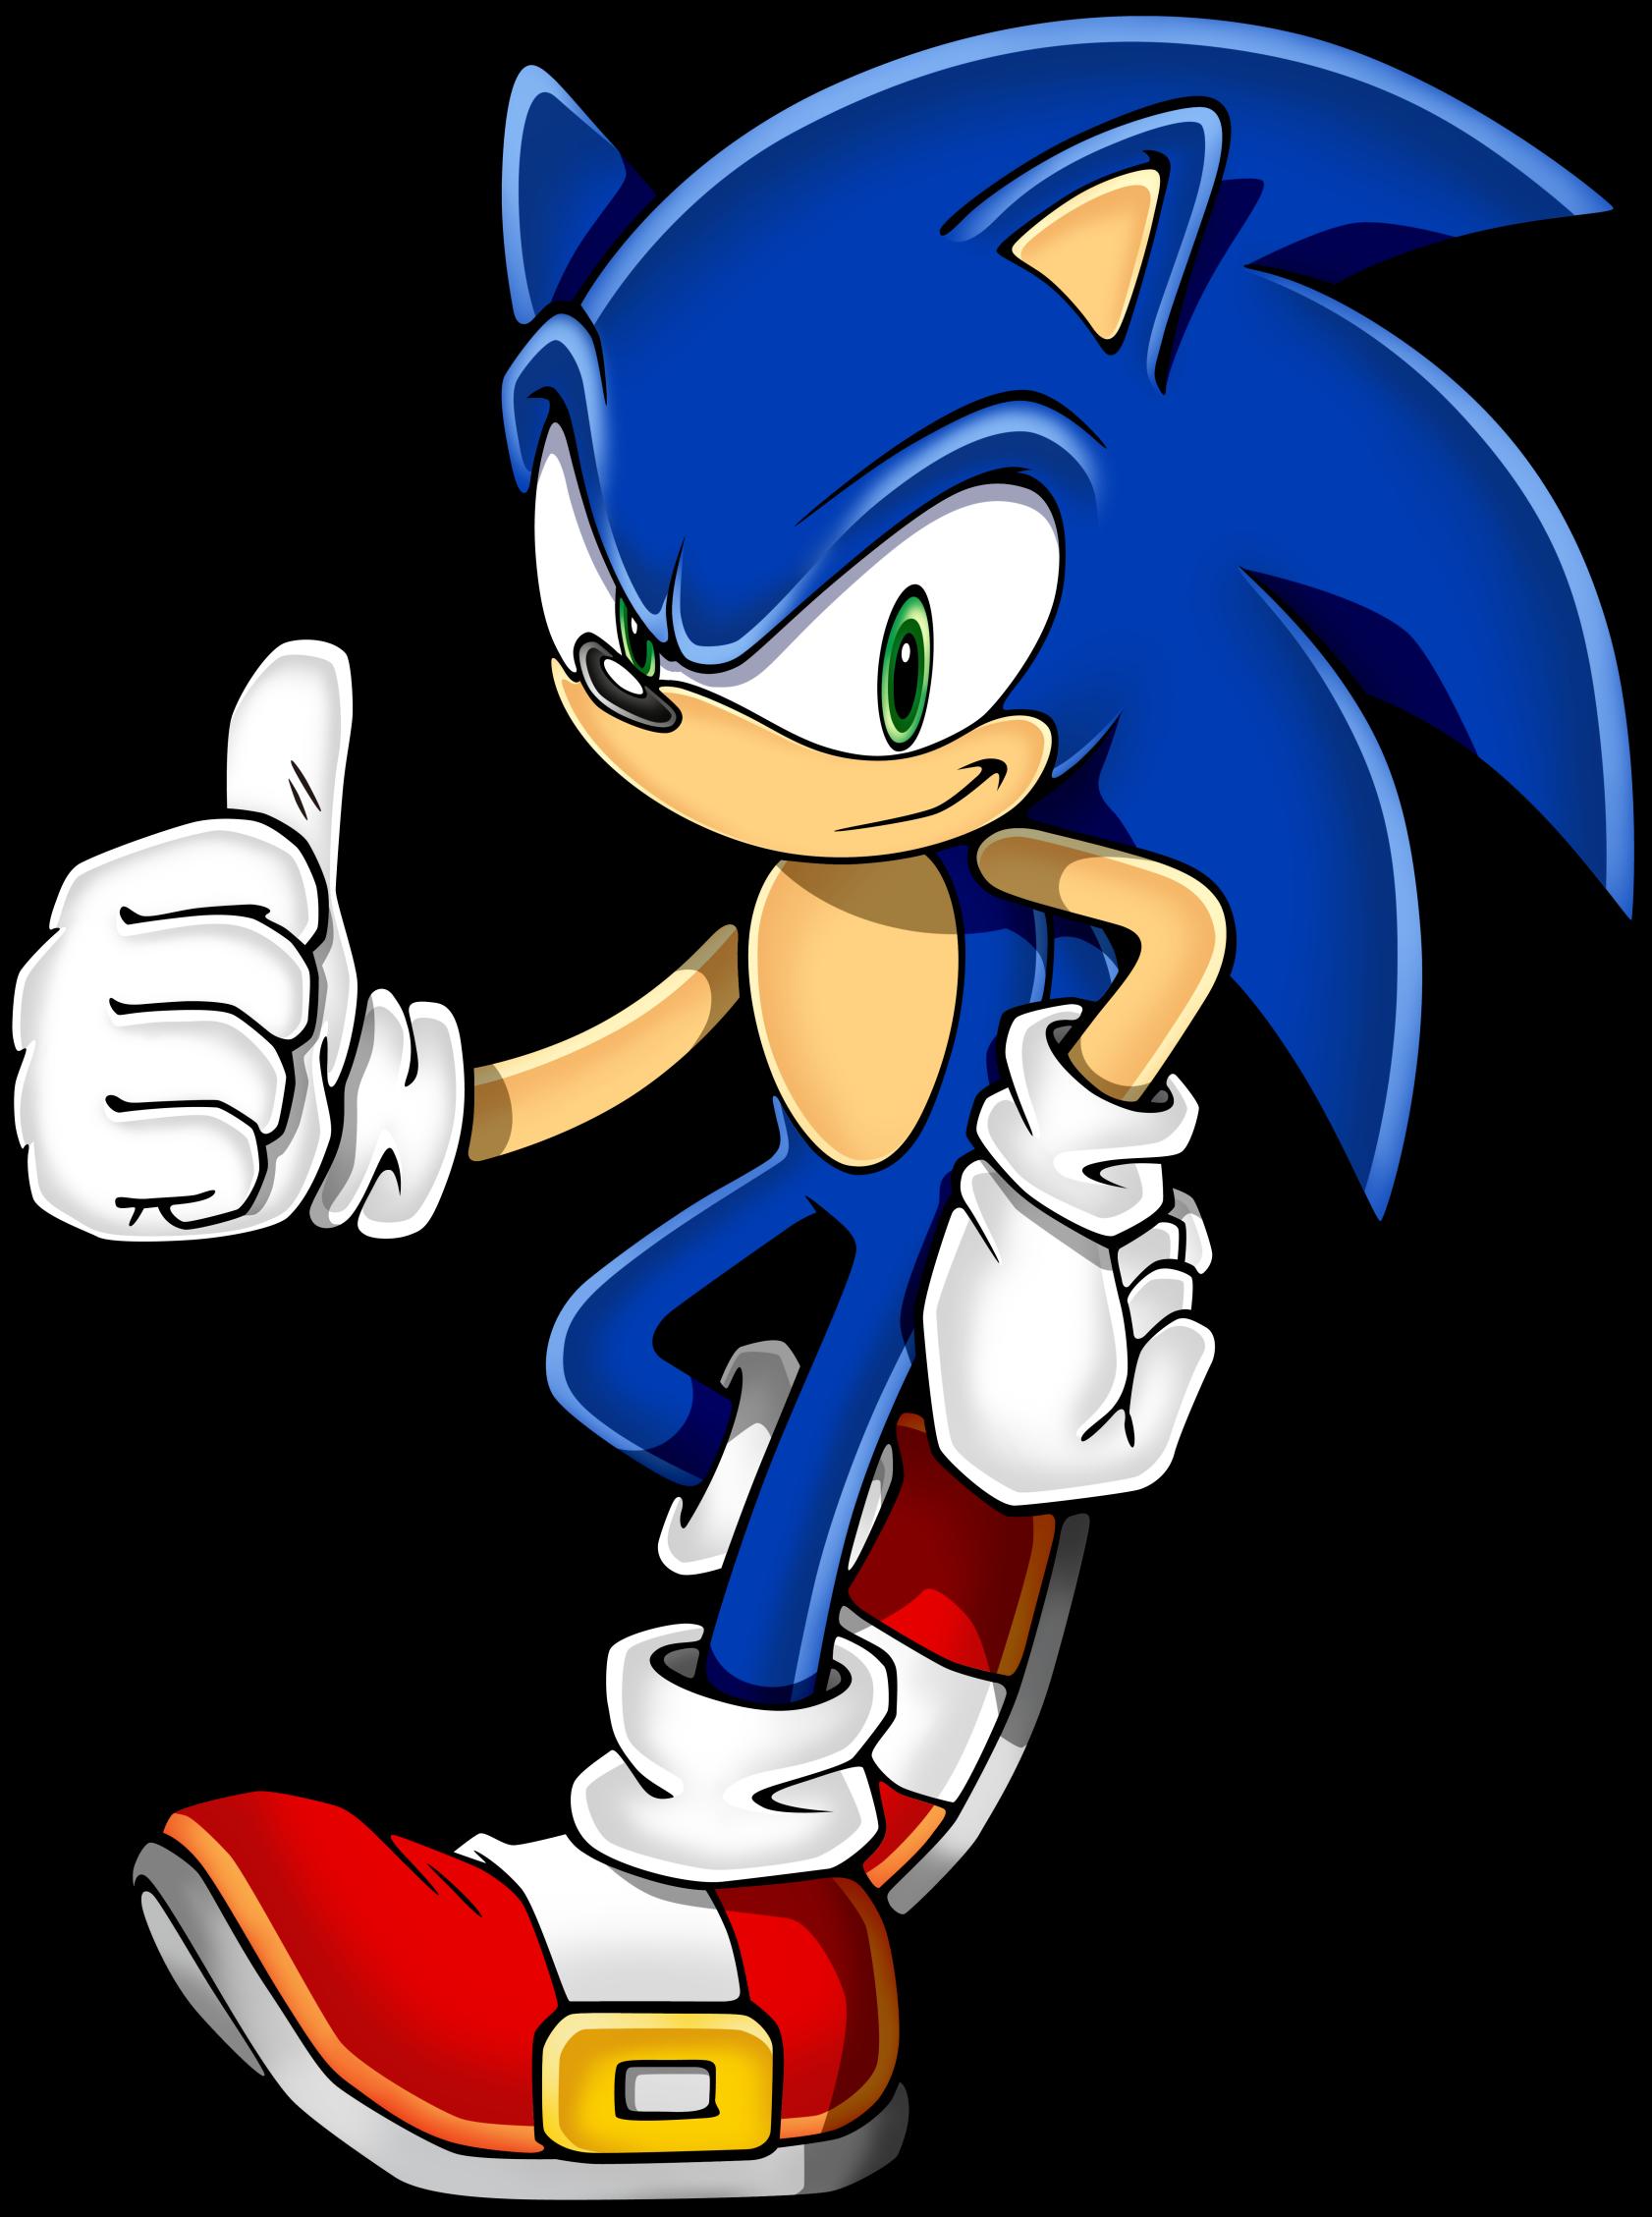 Ёжик Panasonic Обновил Броню На Колючках - Sonic's The Name Speed's My Game (1682x2257)